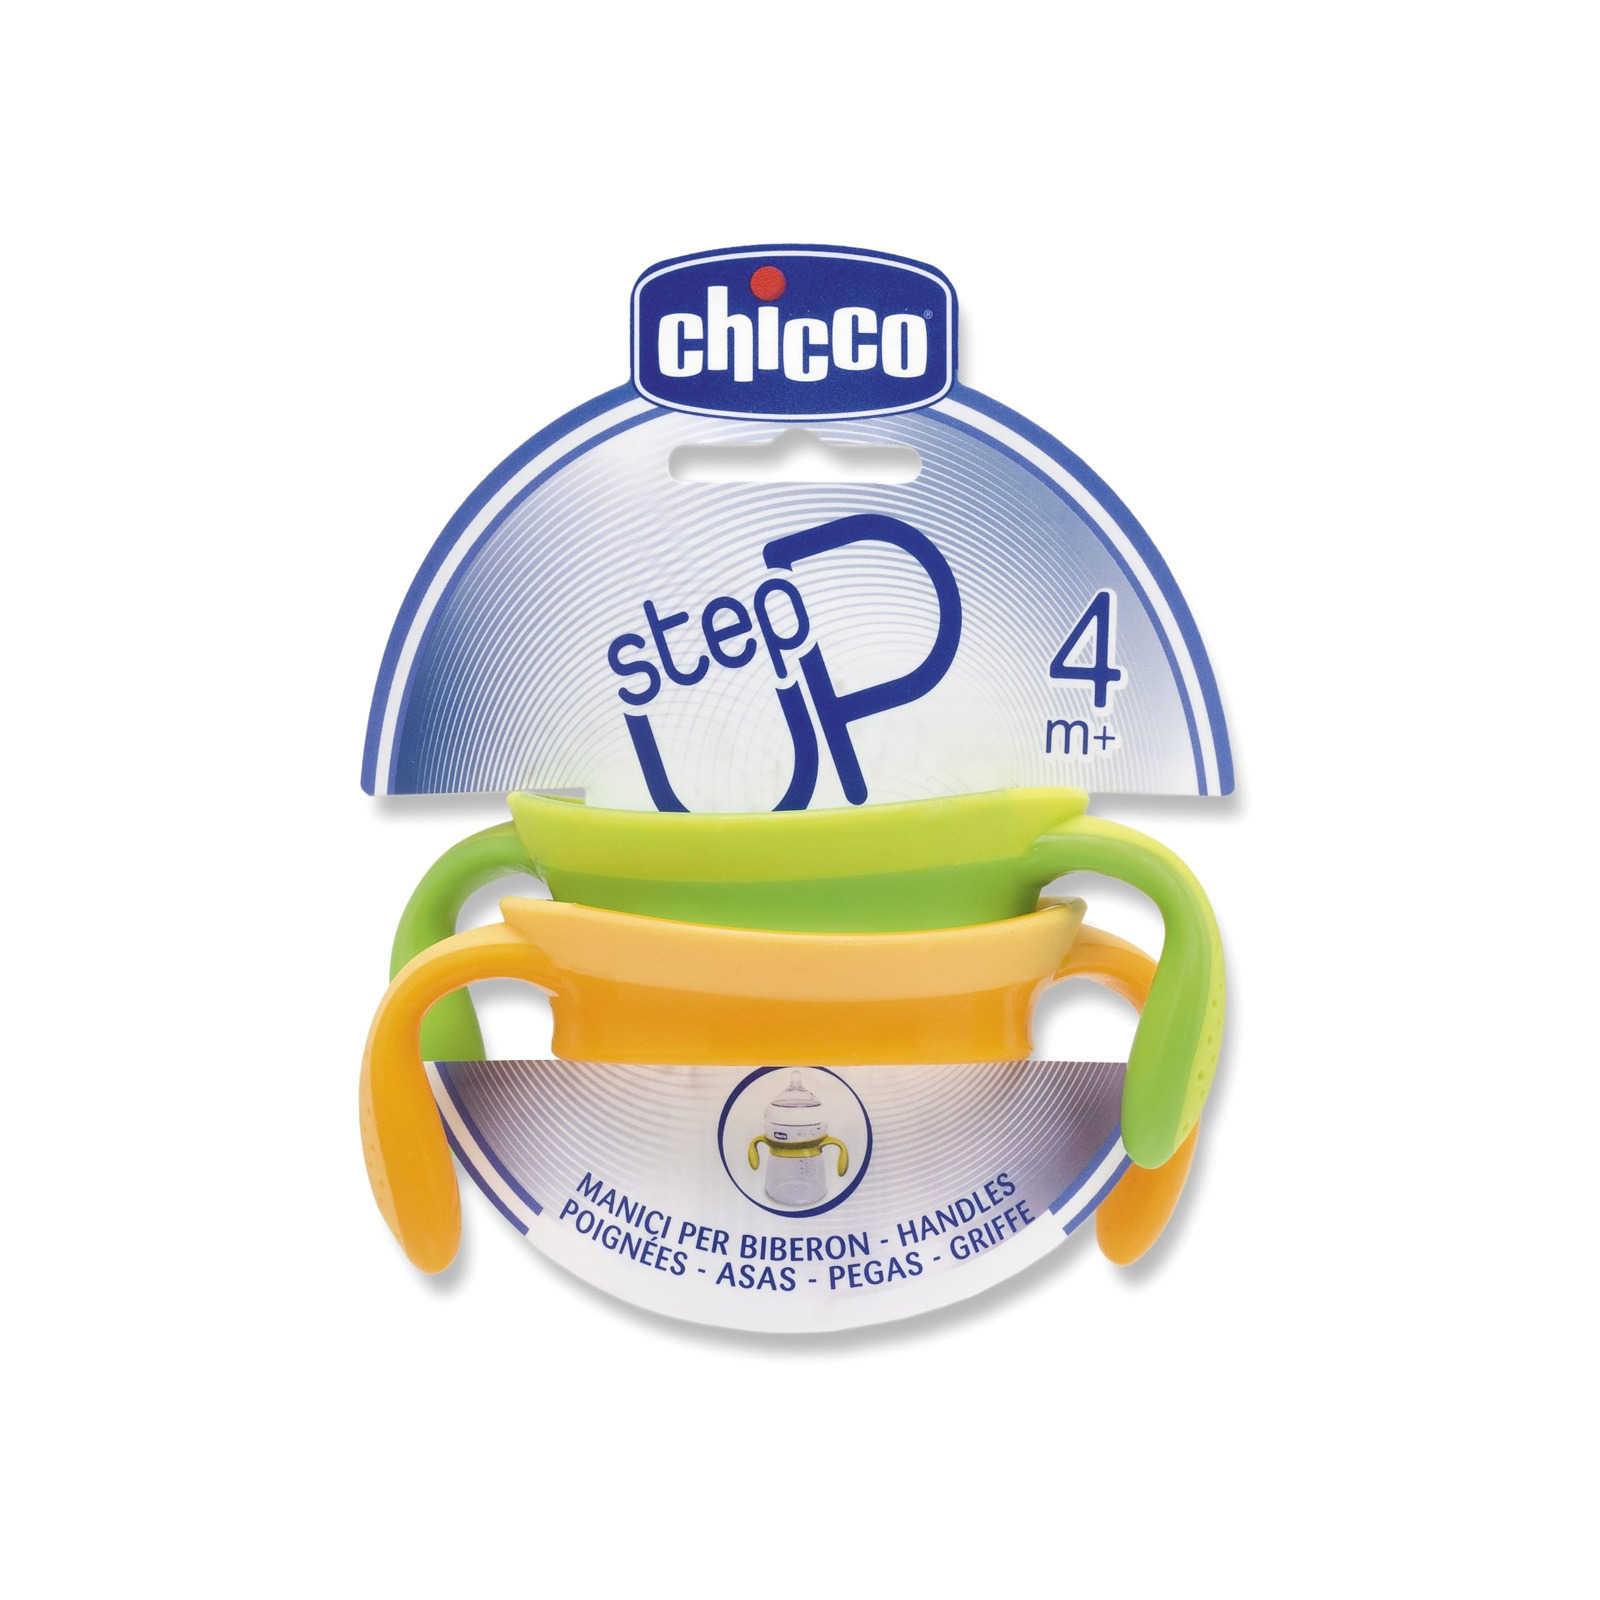 Chicco - Step Up - Manici per Biberon - Verde e Giallo